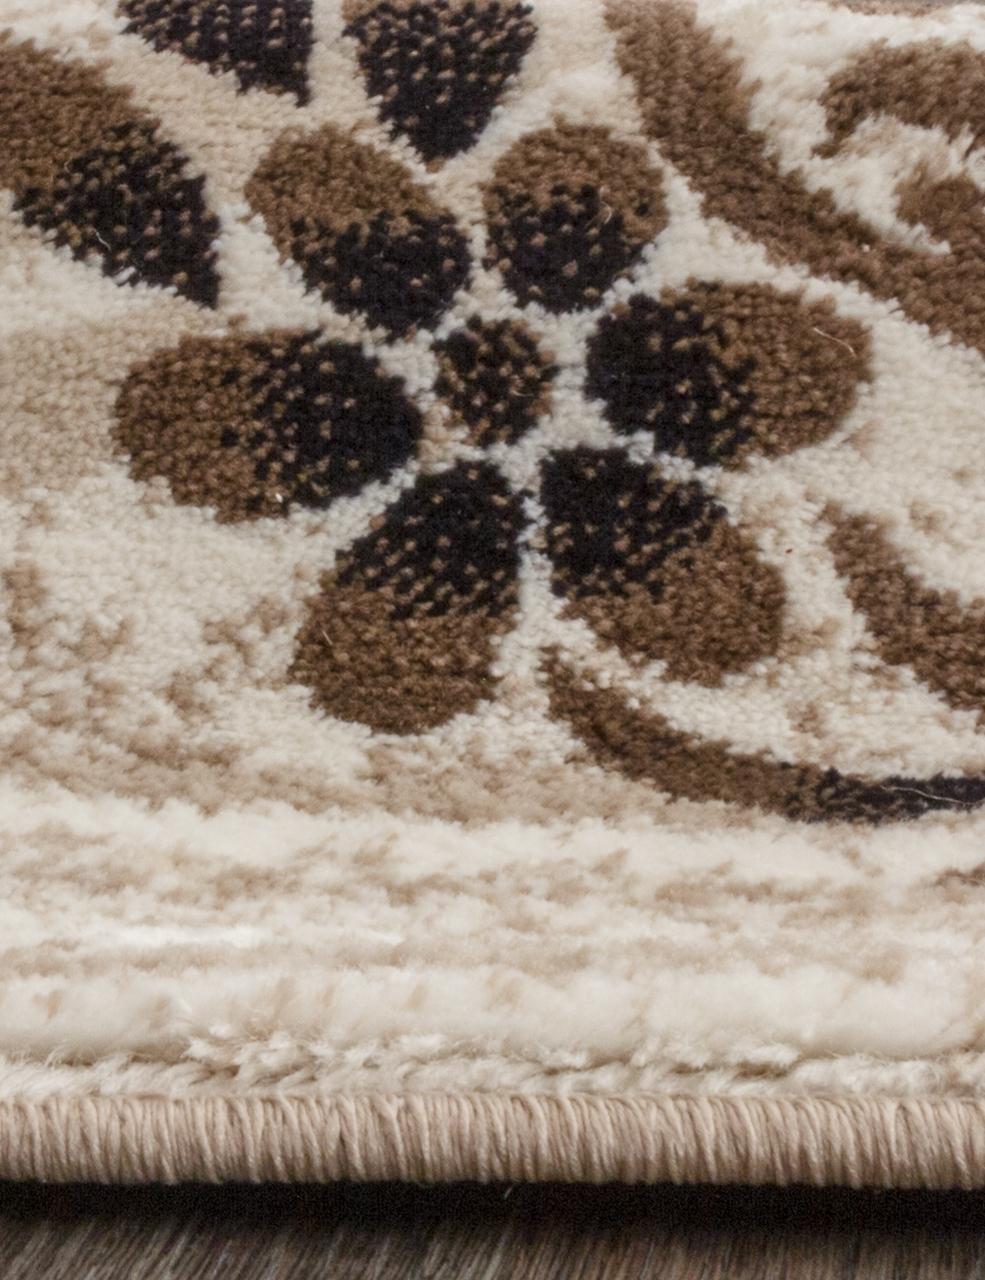 Ковер d303 - CREAM-BROWN - Овал - коллекция VALENCIA DELUXE - фото 3